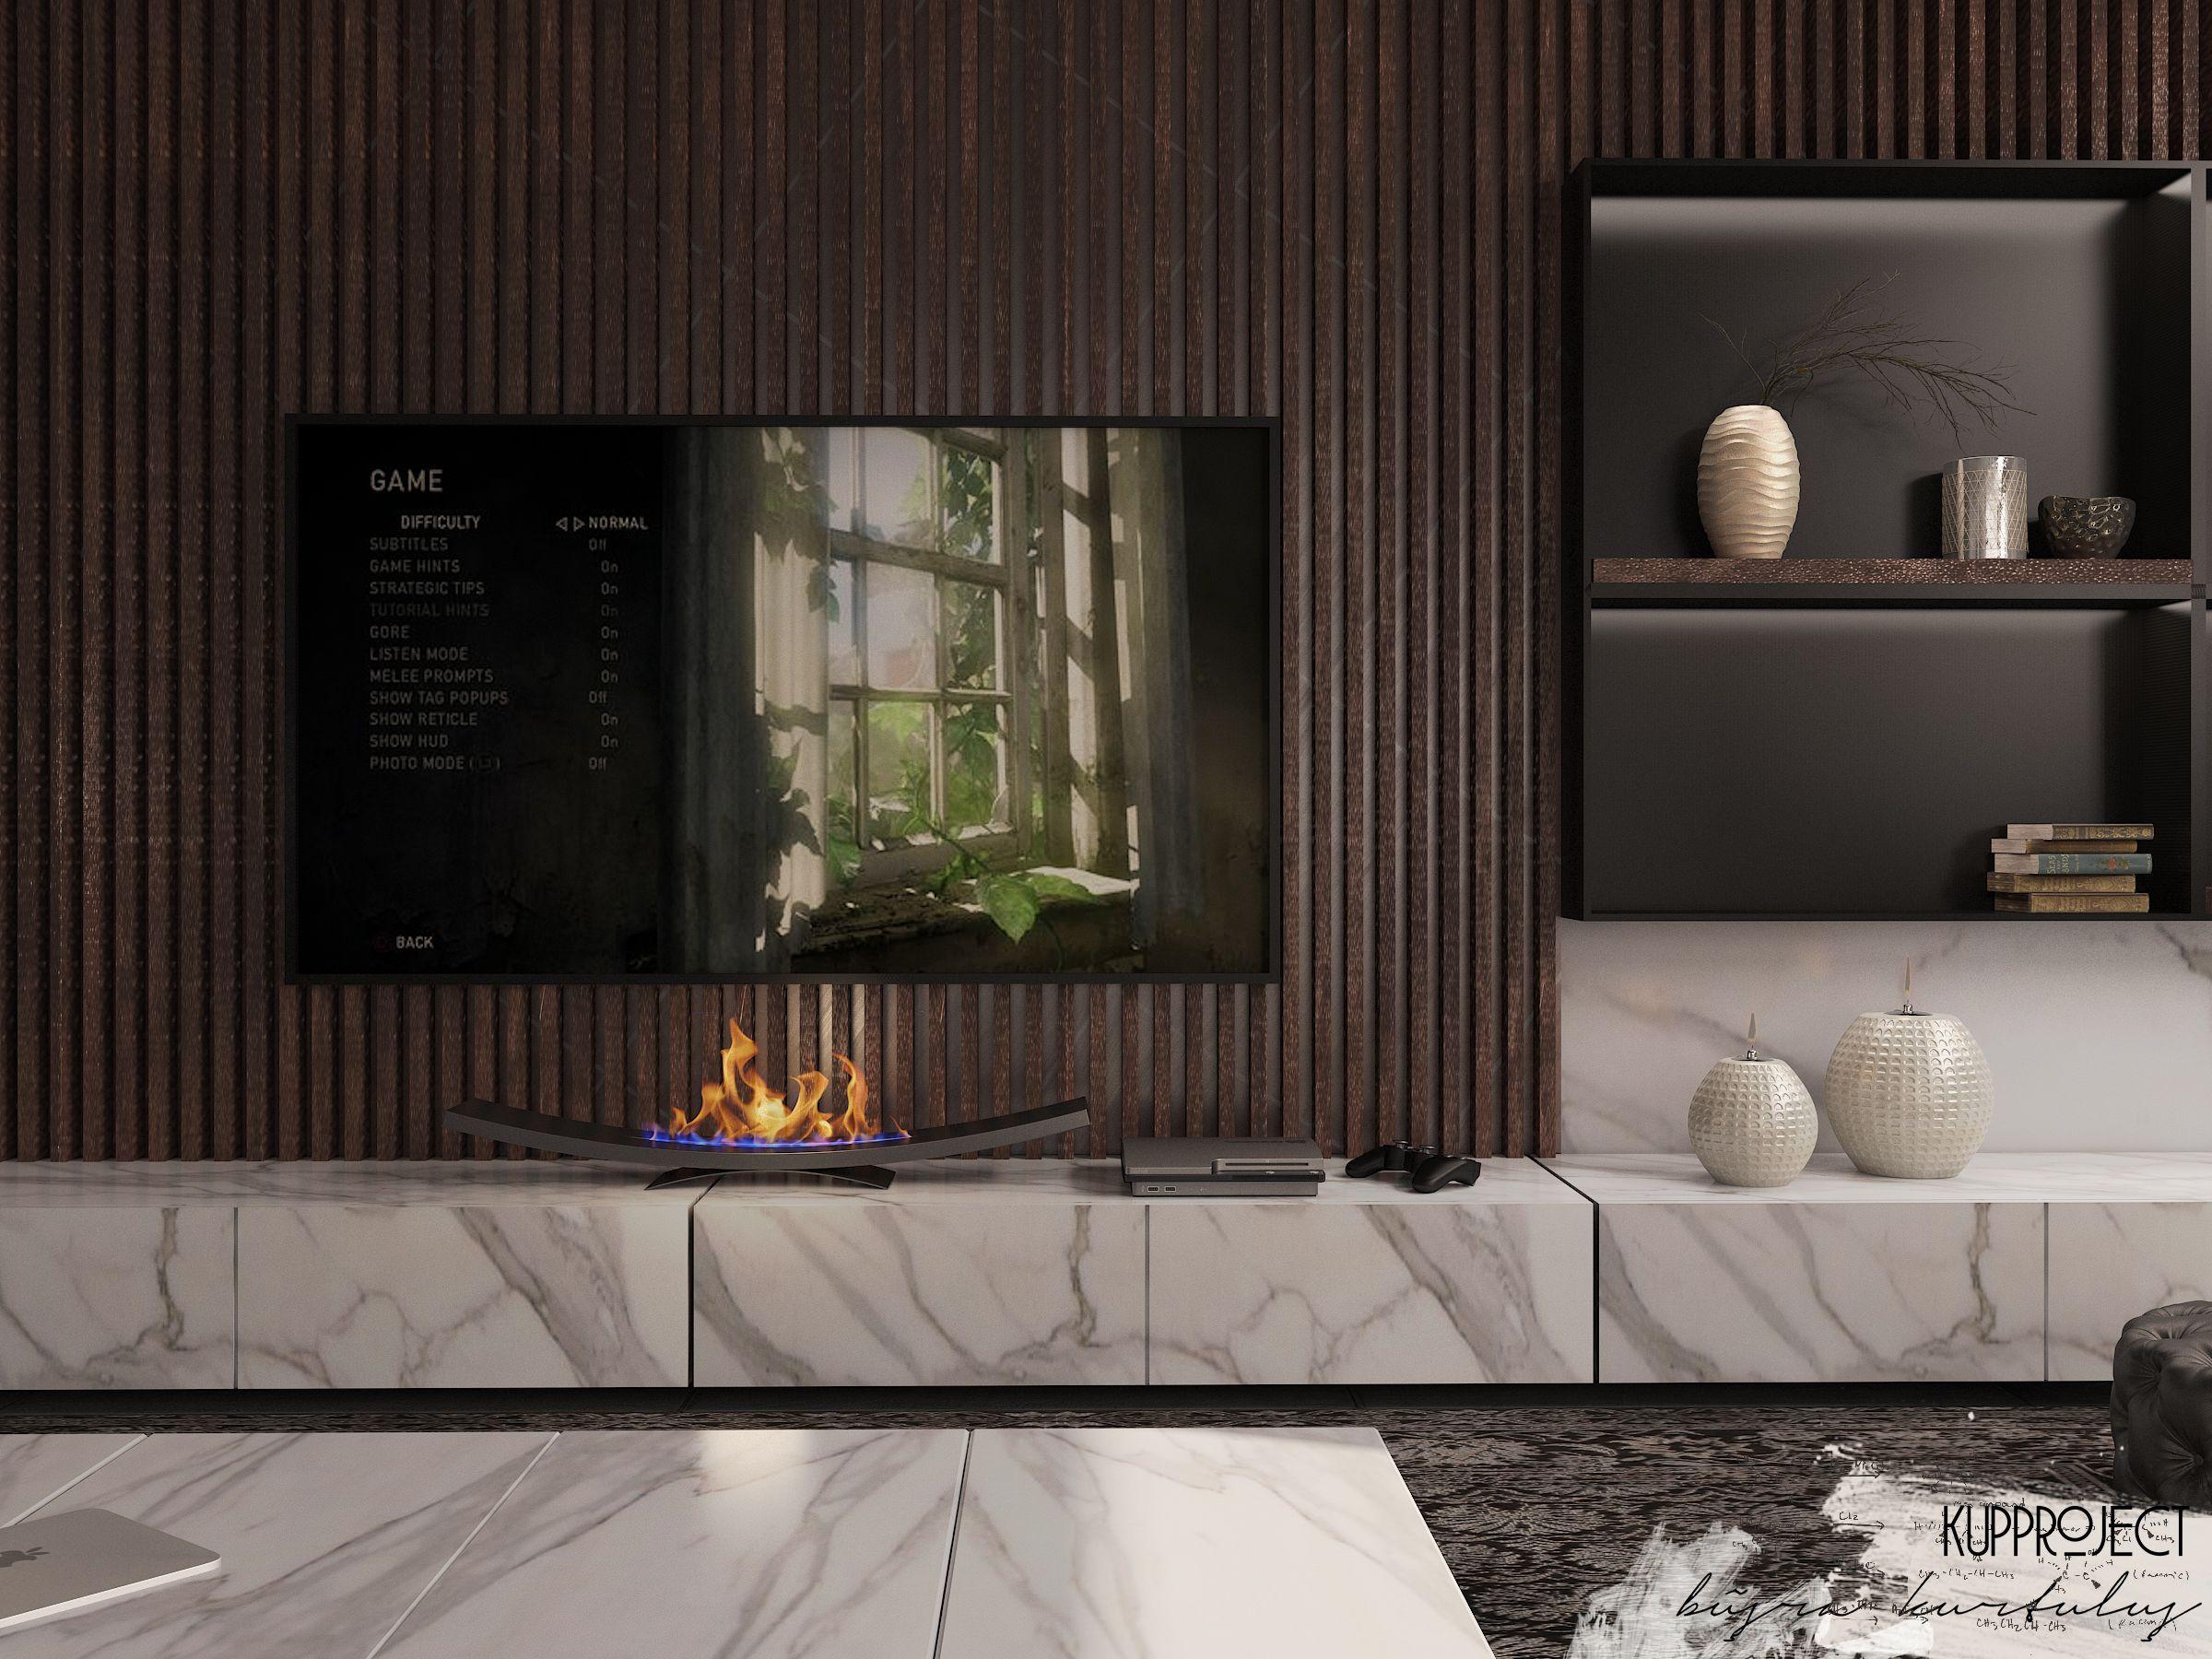 Projectkup Busra Kurtulus Livingromm In 2020 Wohnzimmer Modern Wohnzimmerfarben Wohnzimmer